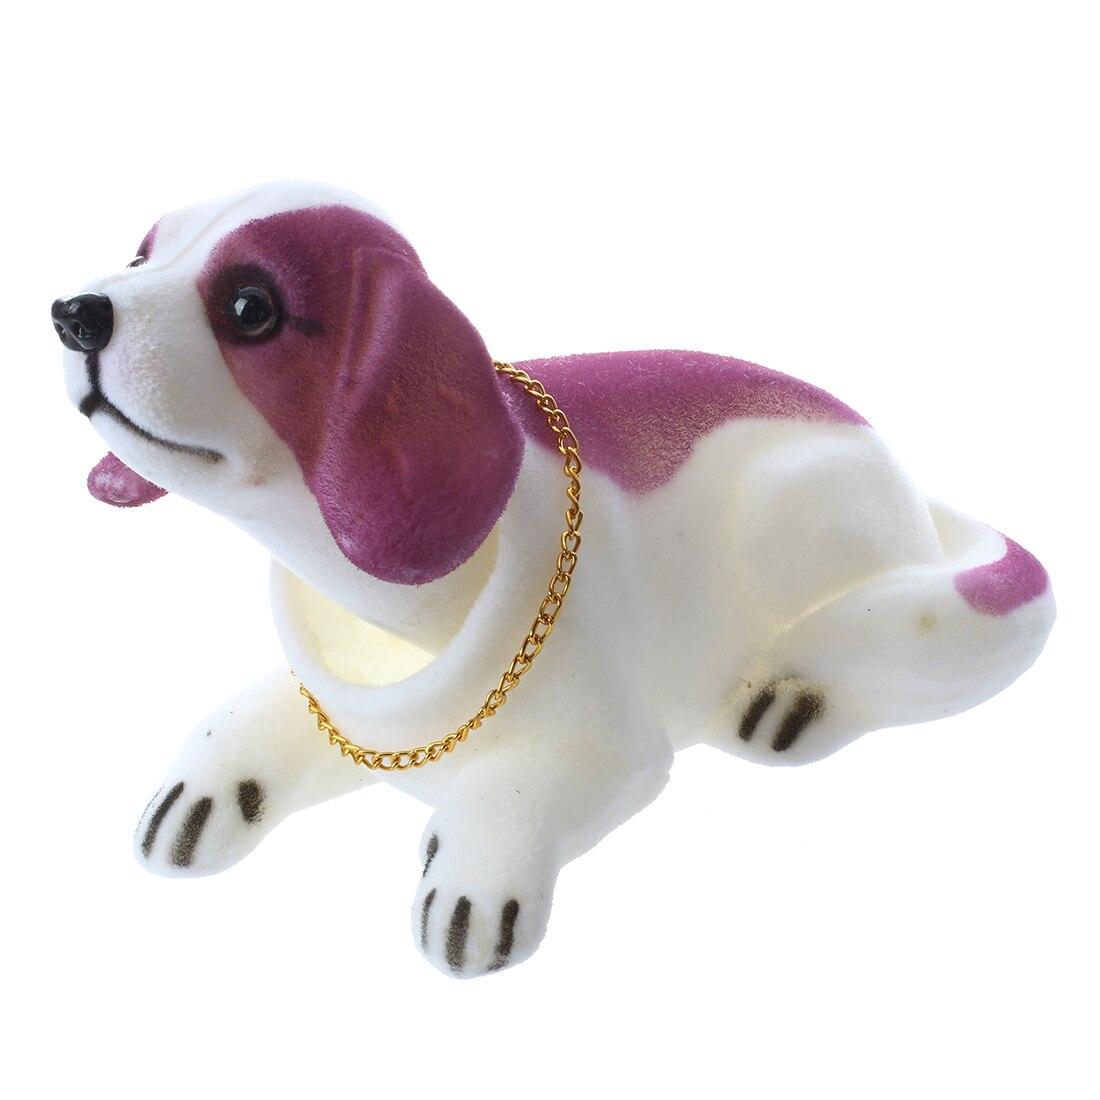 Акция! Авто украшения ароматный Сенбернара качает головой Пупс собак